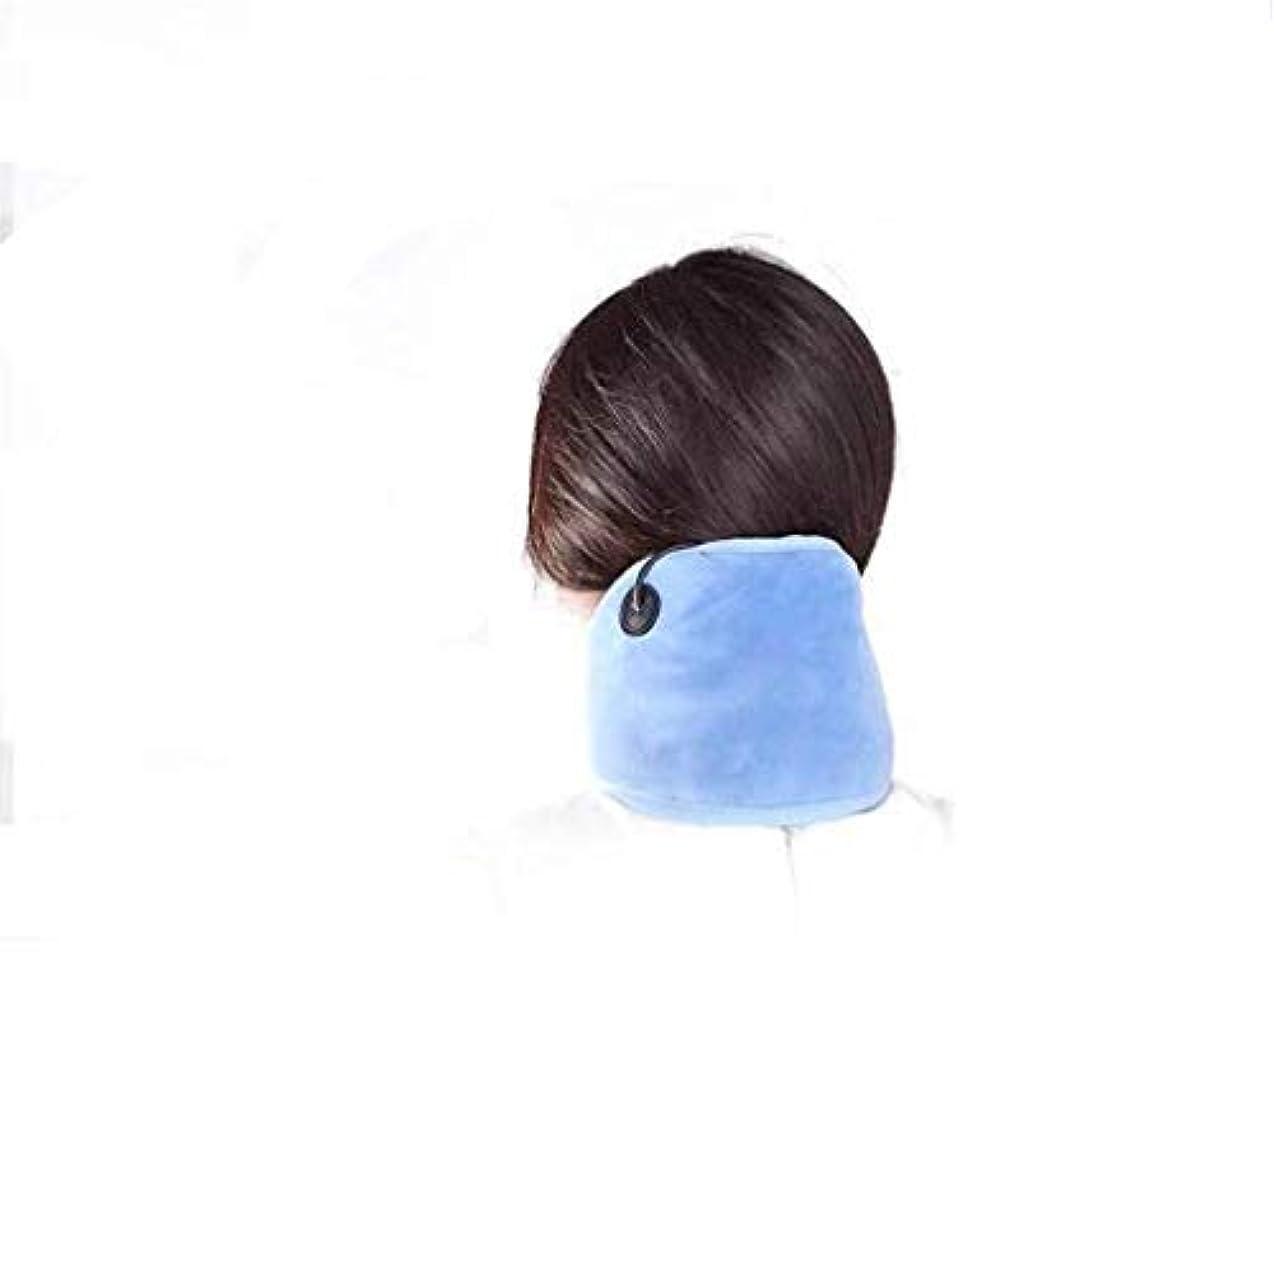 哀れなアレイ修士号肩と首のマッサージ、電子サーマルパッド、Mホットボディセラピー、筋肉のリラックス、血液循環の促進、熱、頸椎の保護